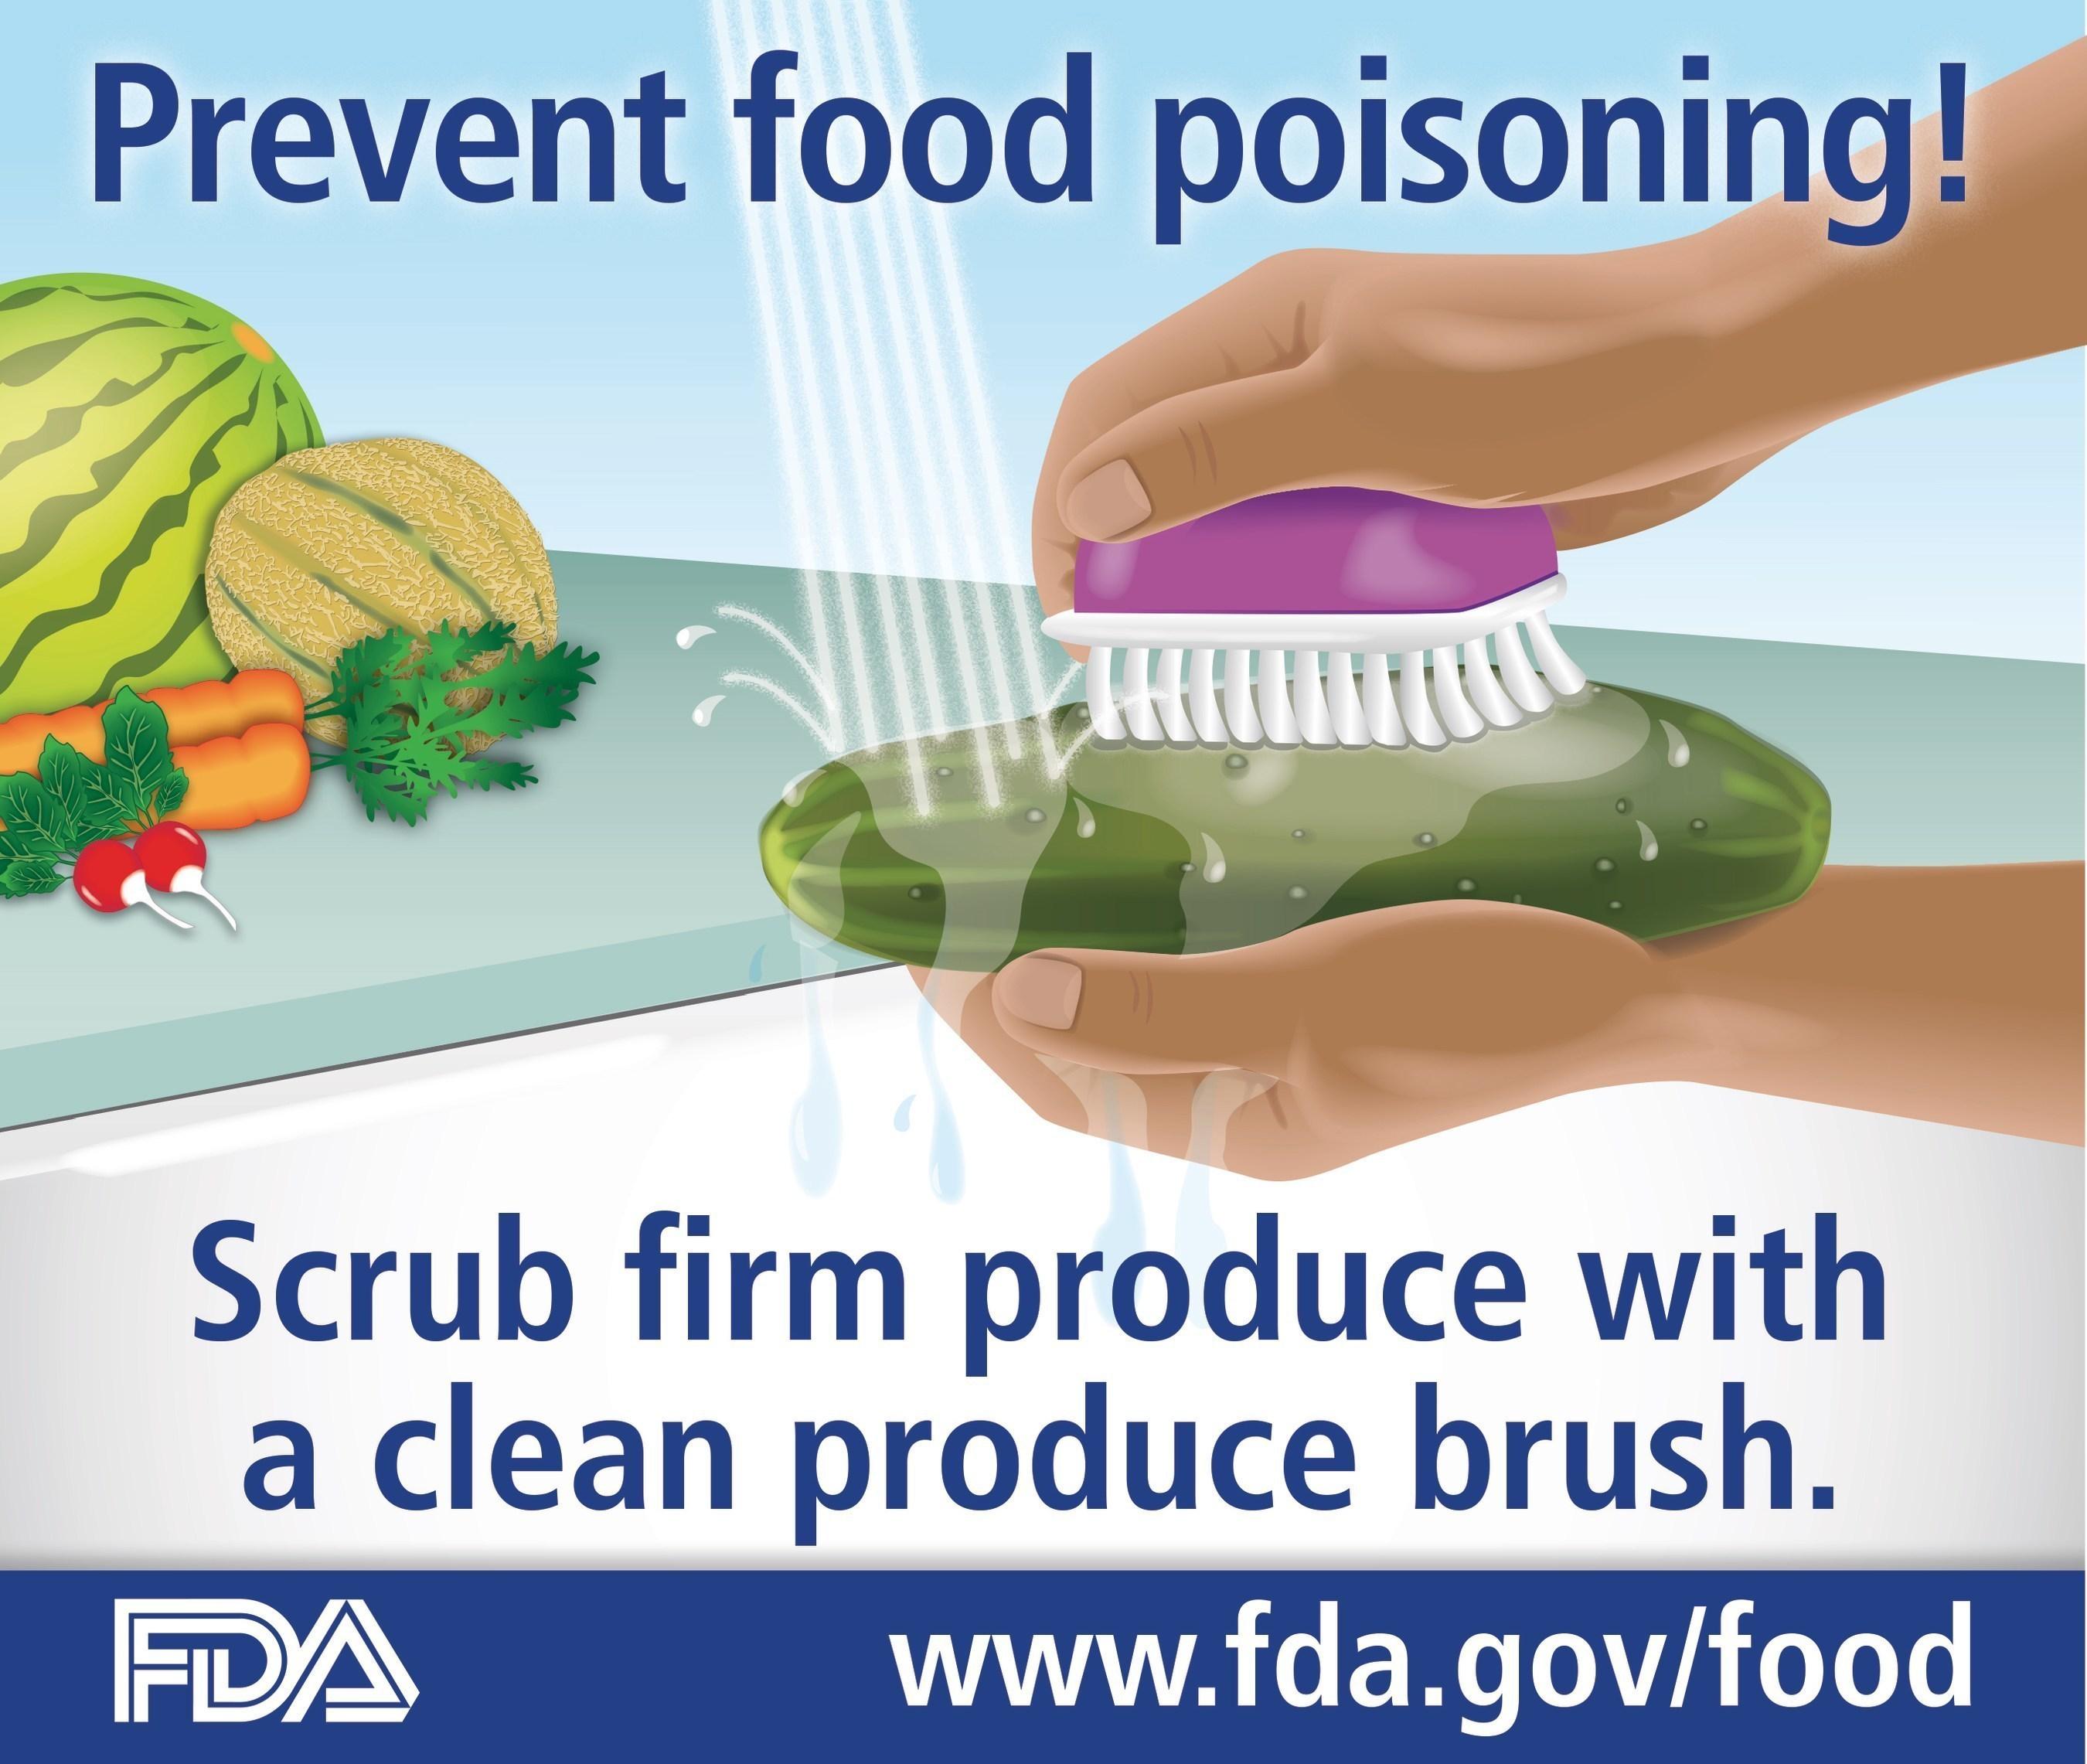 Frutas, verduras y zumos recién exprimidos: manéjelos en forma segura